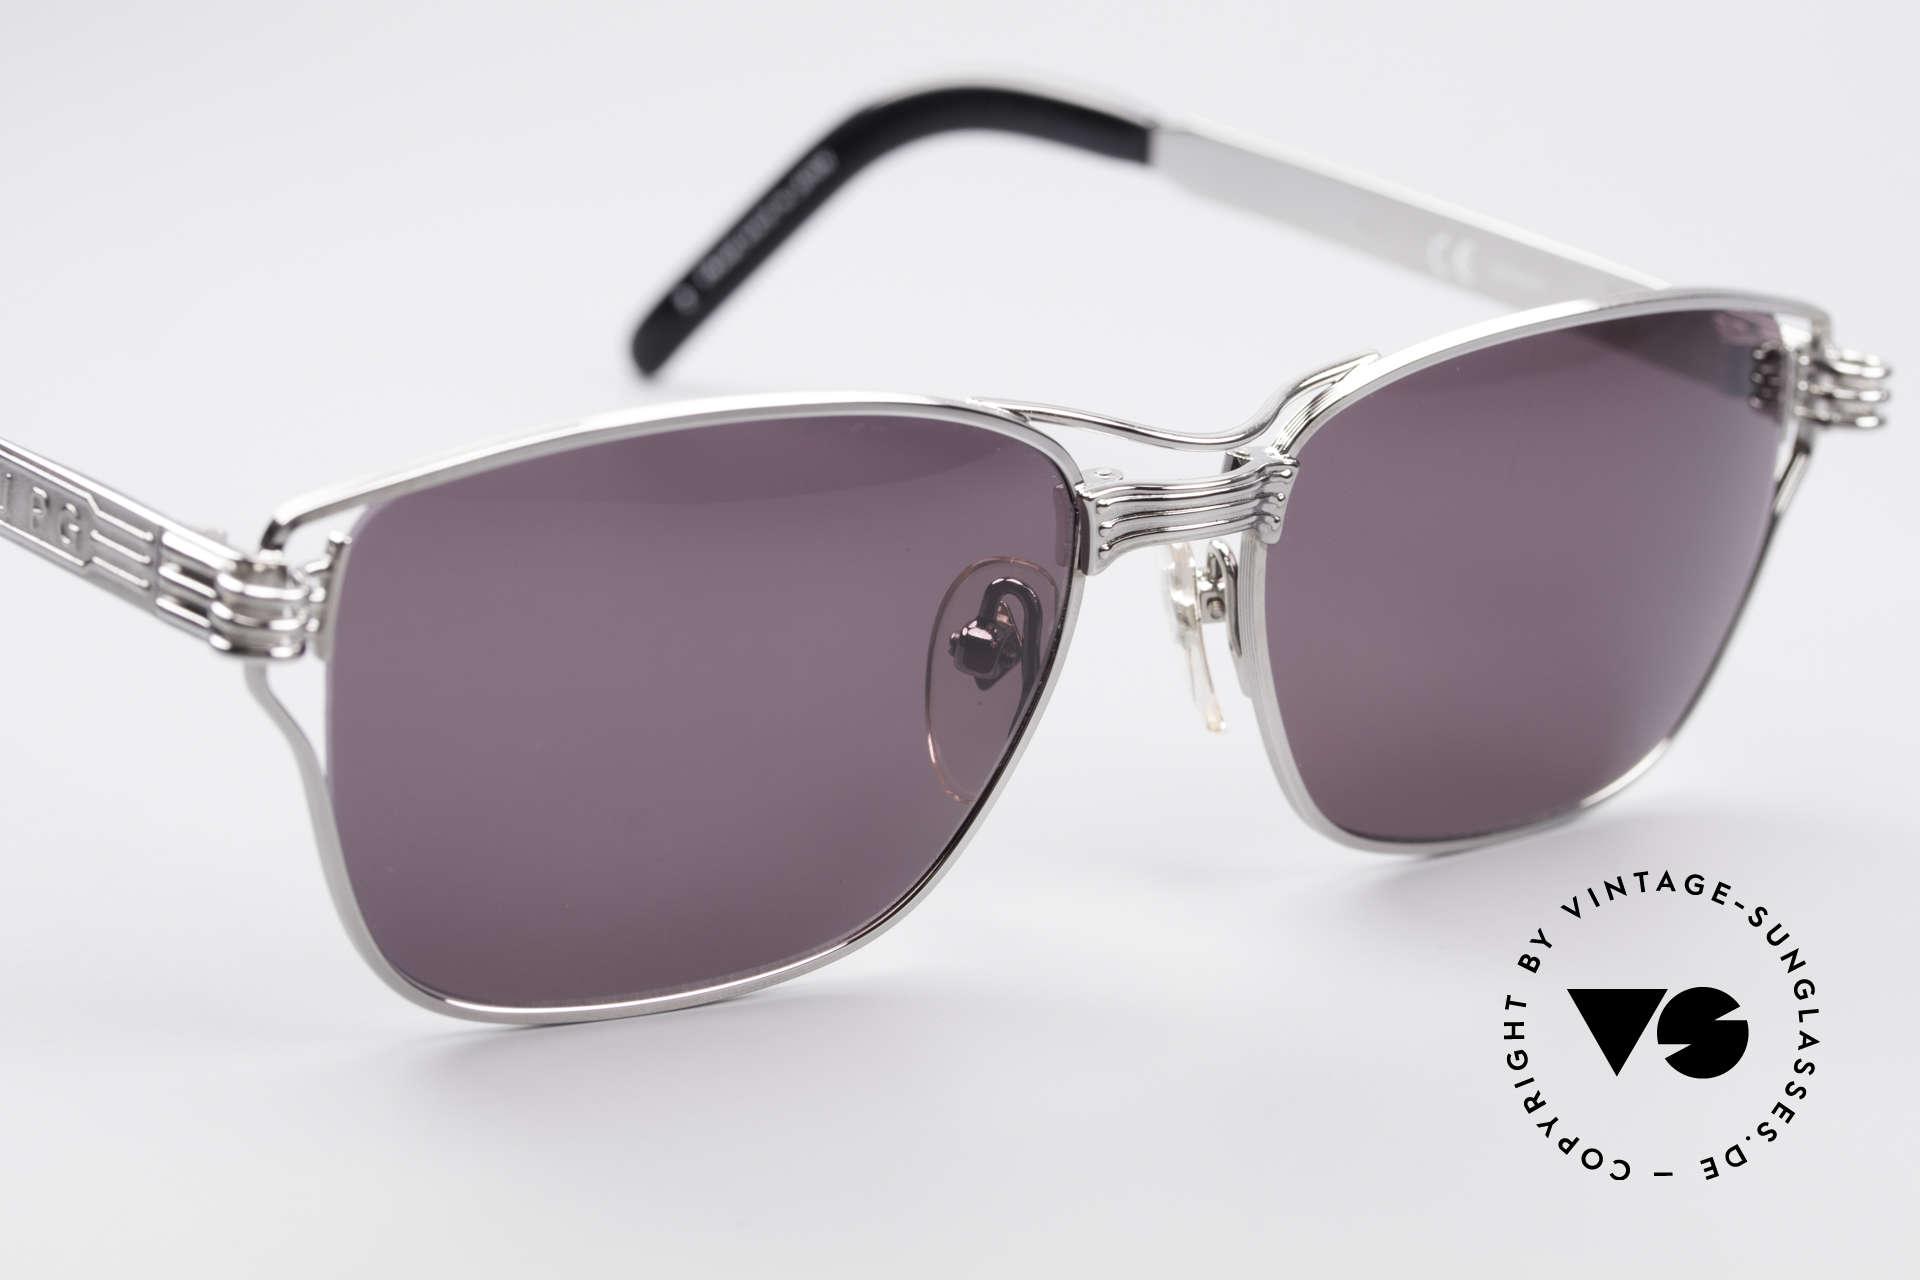 Jean Paul Gaultier 56-4173 Markante Eckige Sonnenbrille, ungetragen (wie jede alte JPG Sonnenbrille hier), Passend für Herren